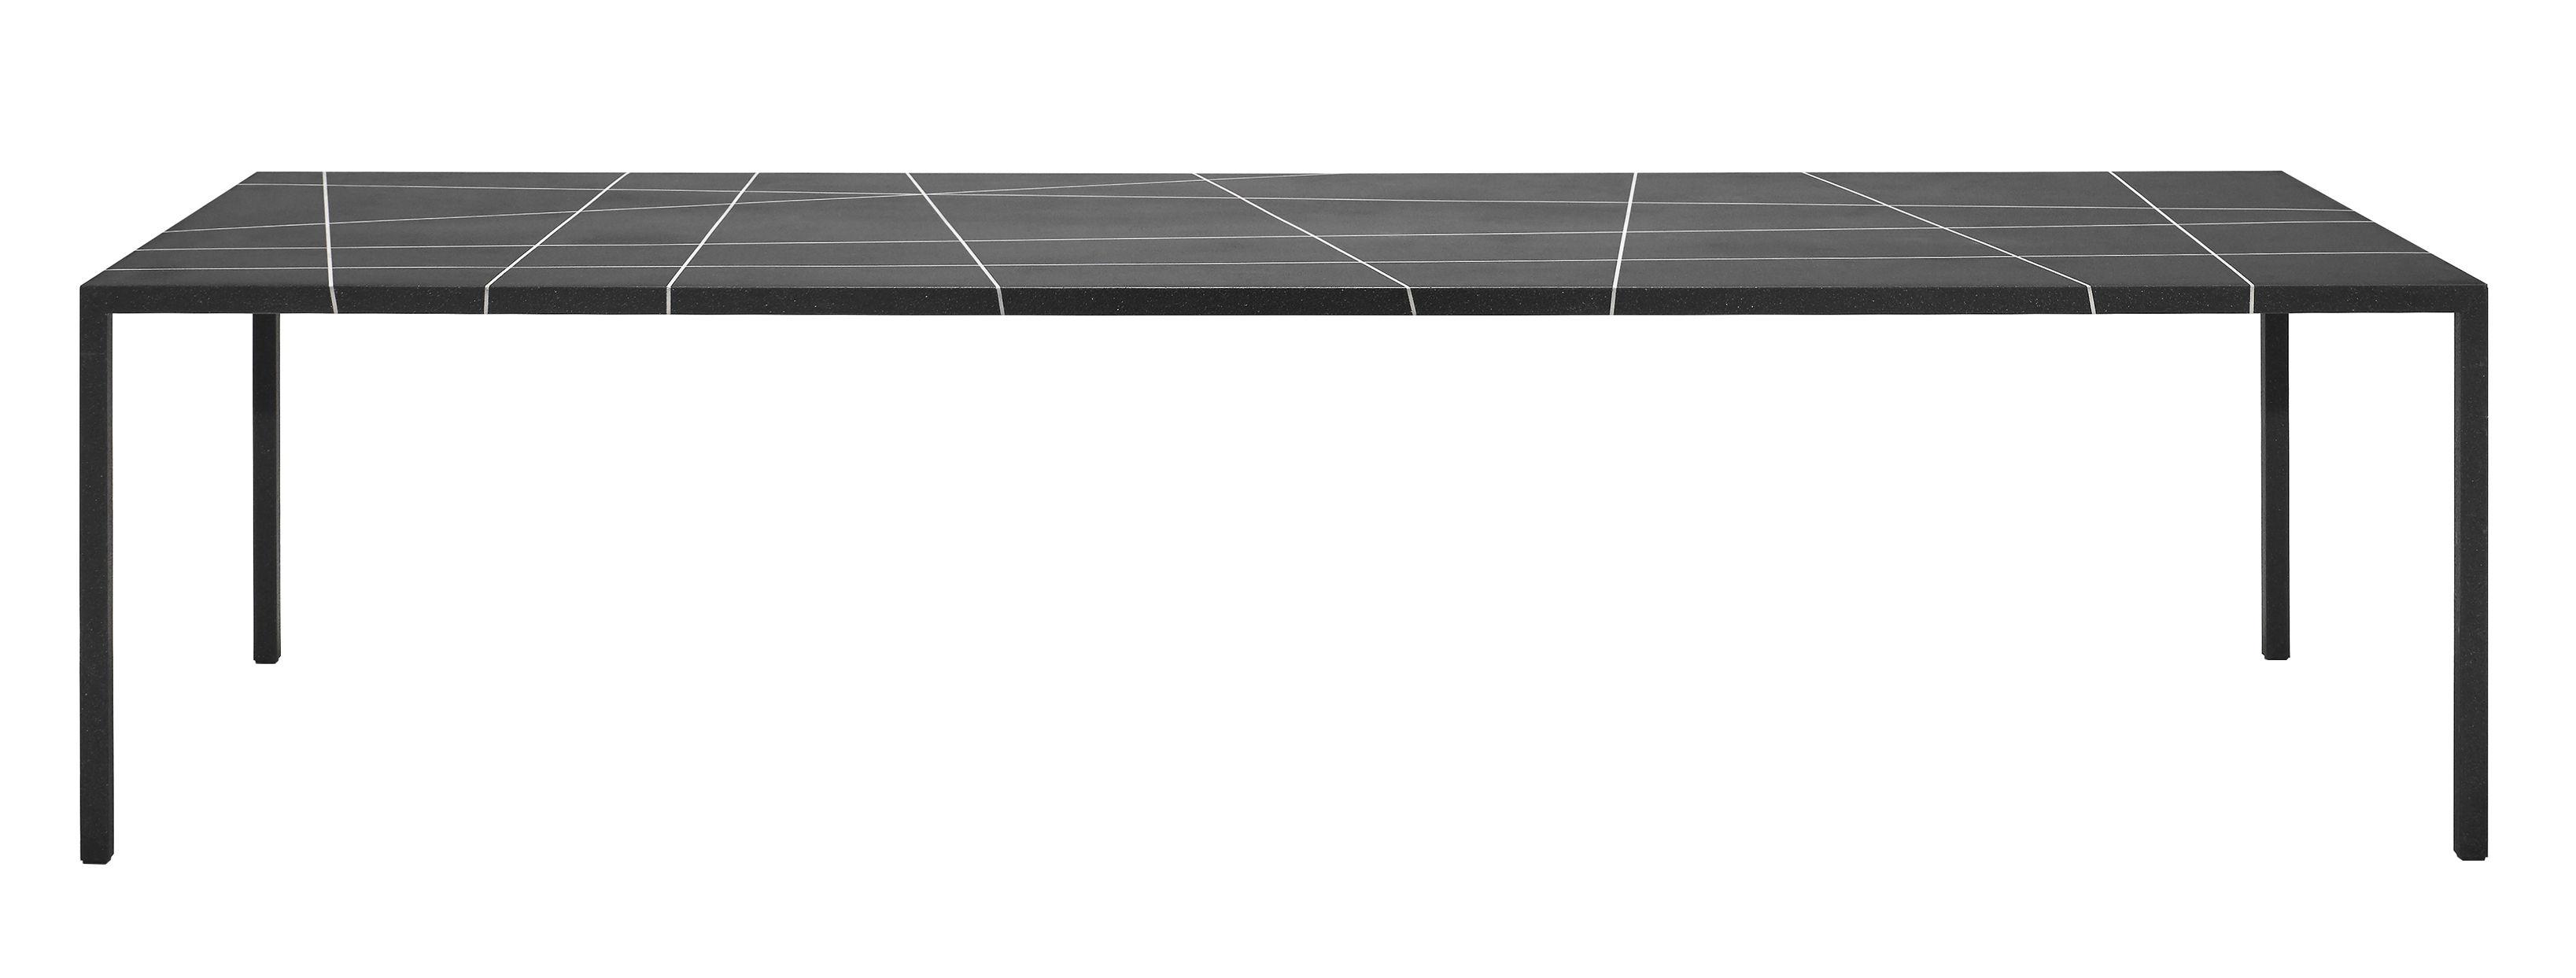 Mobilier - Tables - Table rectangulaire Tense Material / 90 x 220 cm - Marbre - MDF Italia - Marbre noir / Lignes blanches - Acier, Marbre reconstitué, Panneau composite